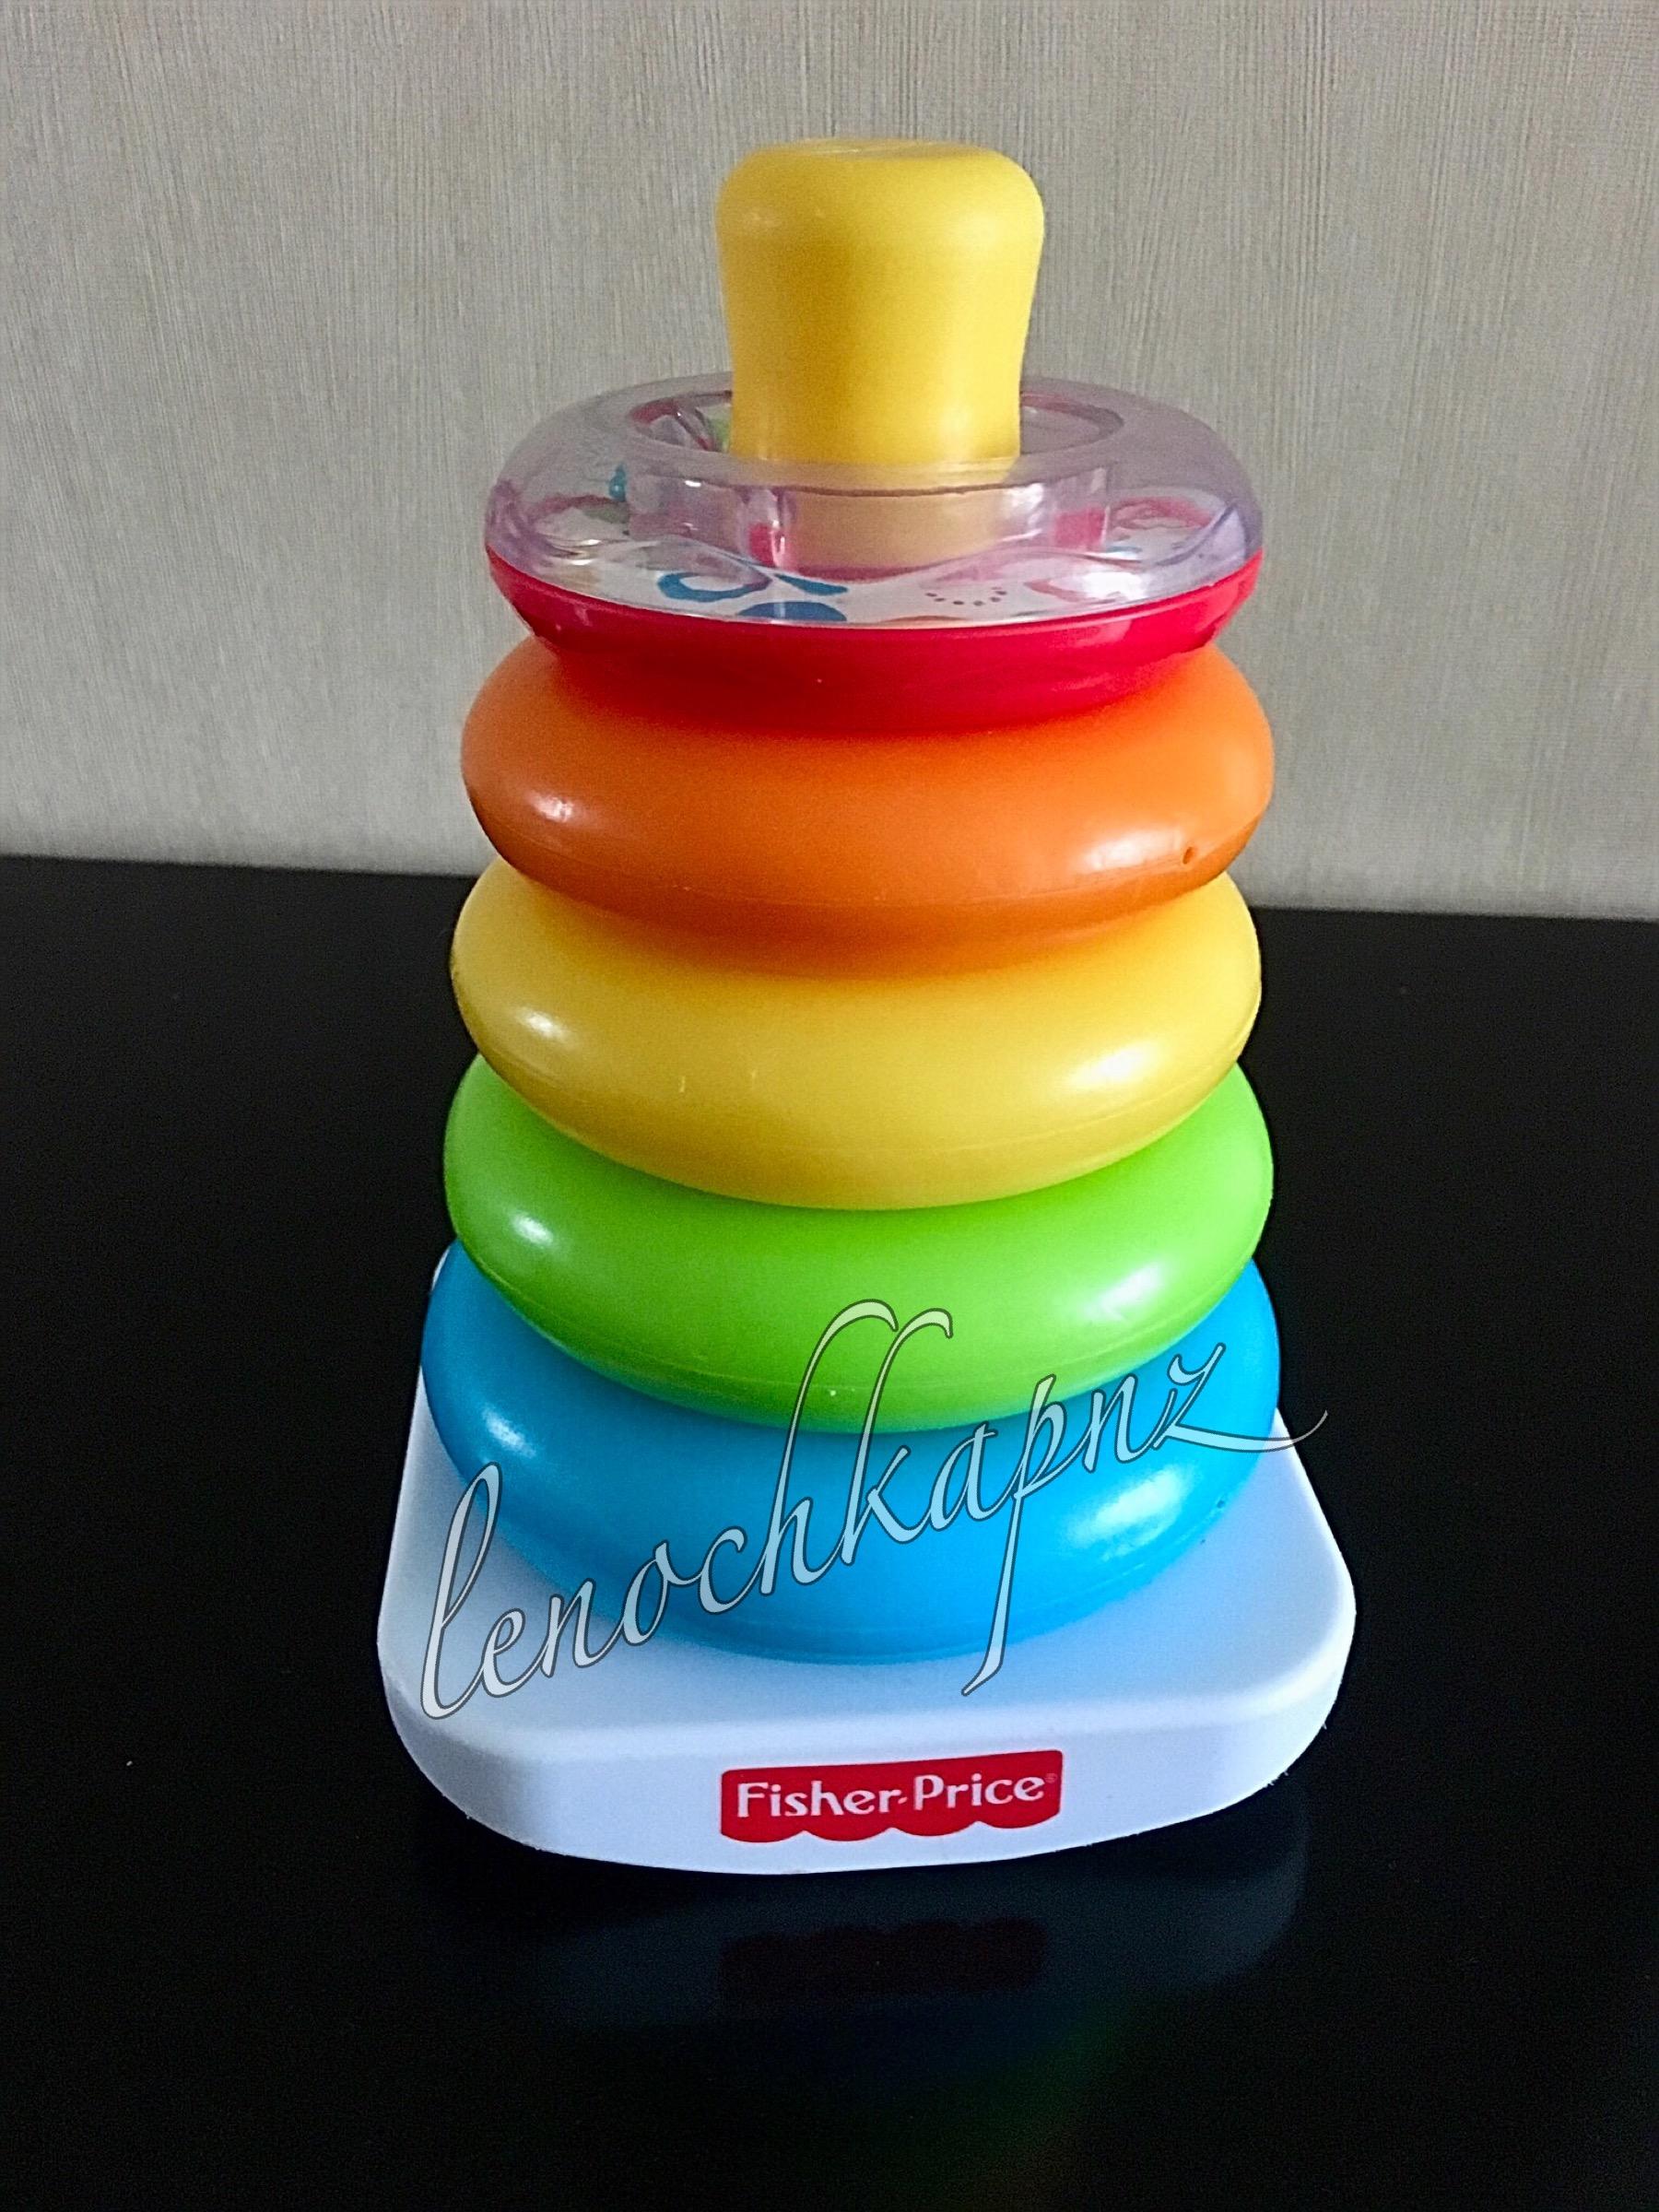 Классическая игрушка от Fisher-Price с множеством игровых возможностей!